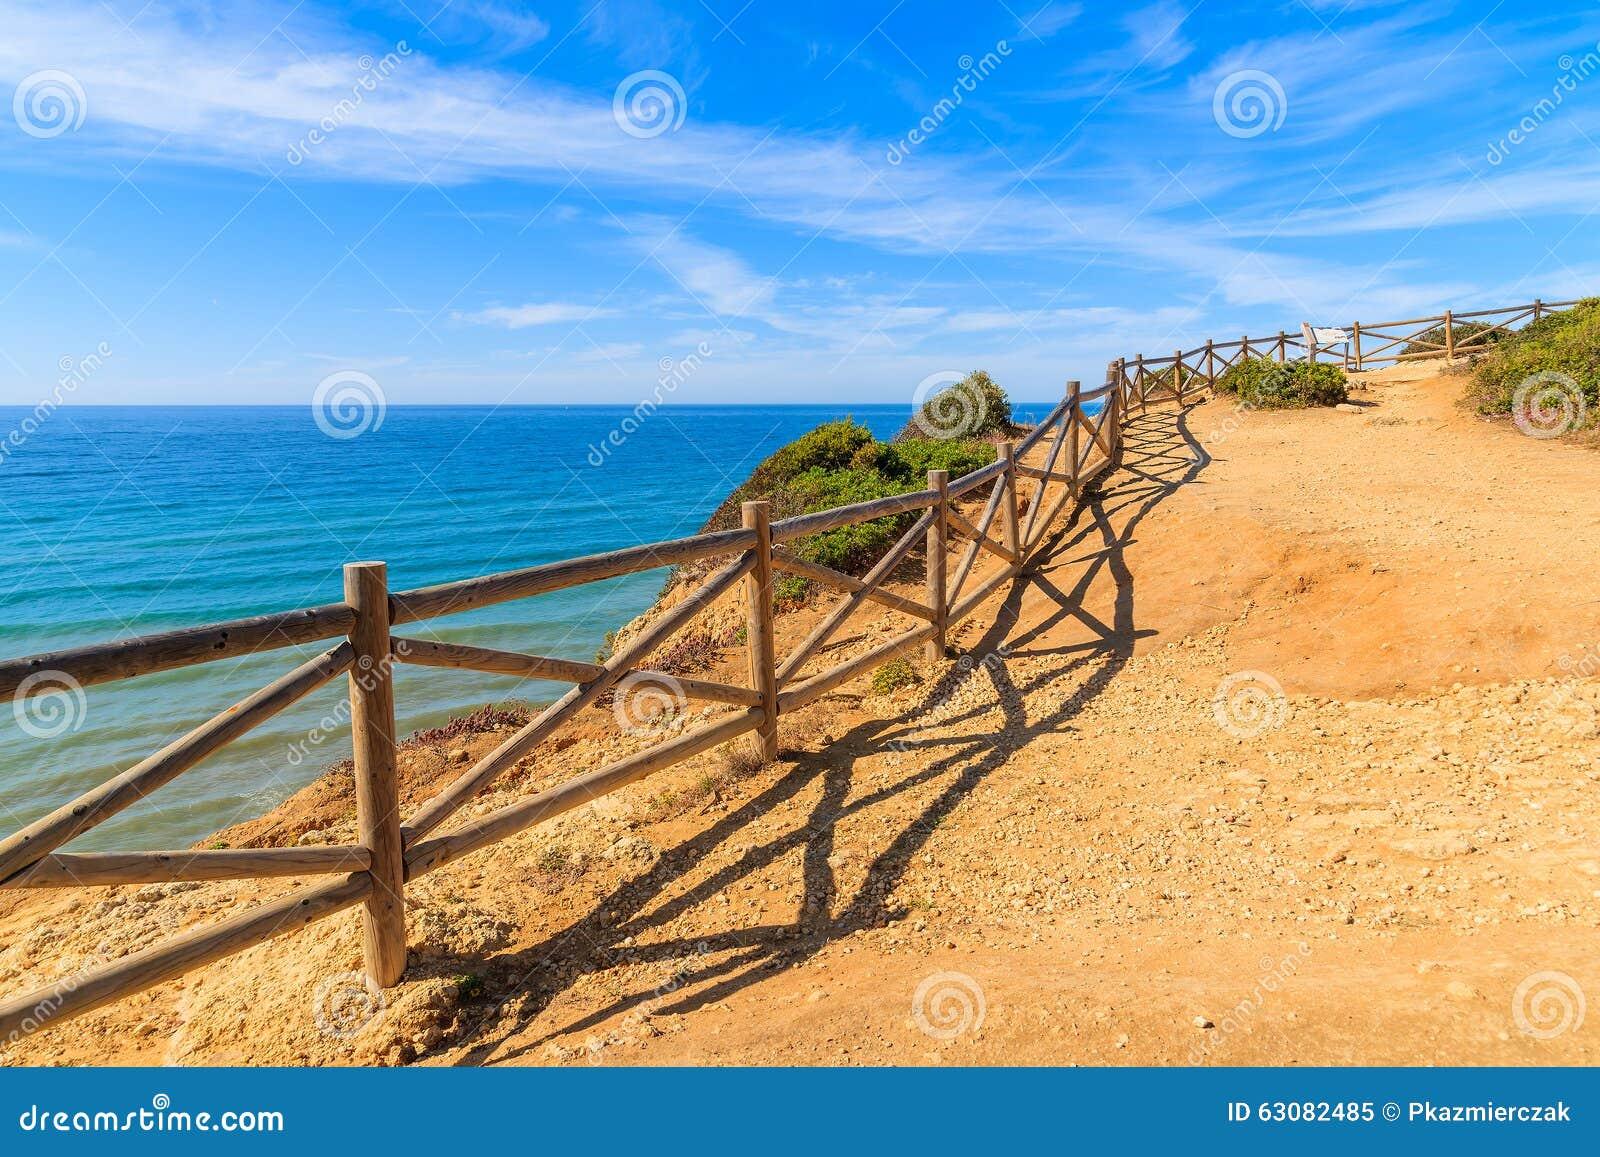 Download Barrière En Bois Sur Le Chemin De Falaise Image stock - Image du plage, vacances: 63082485